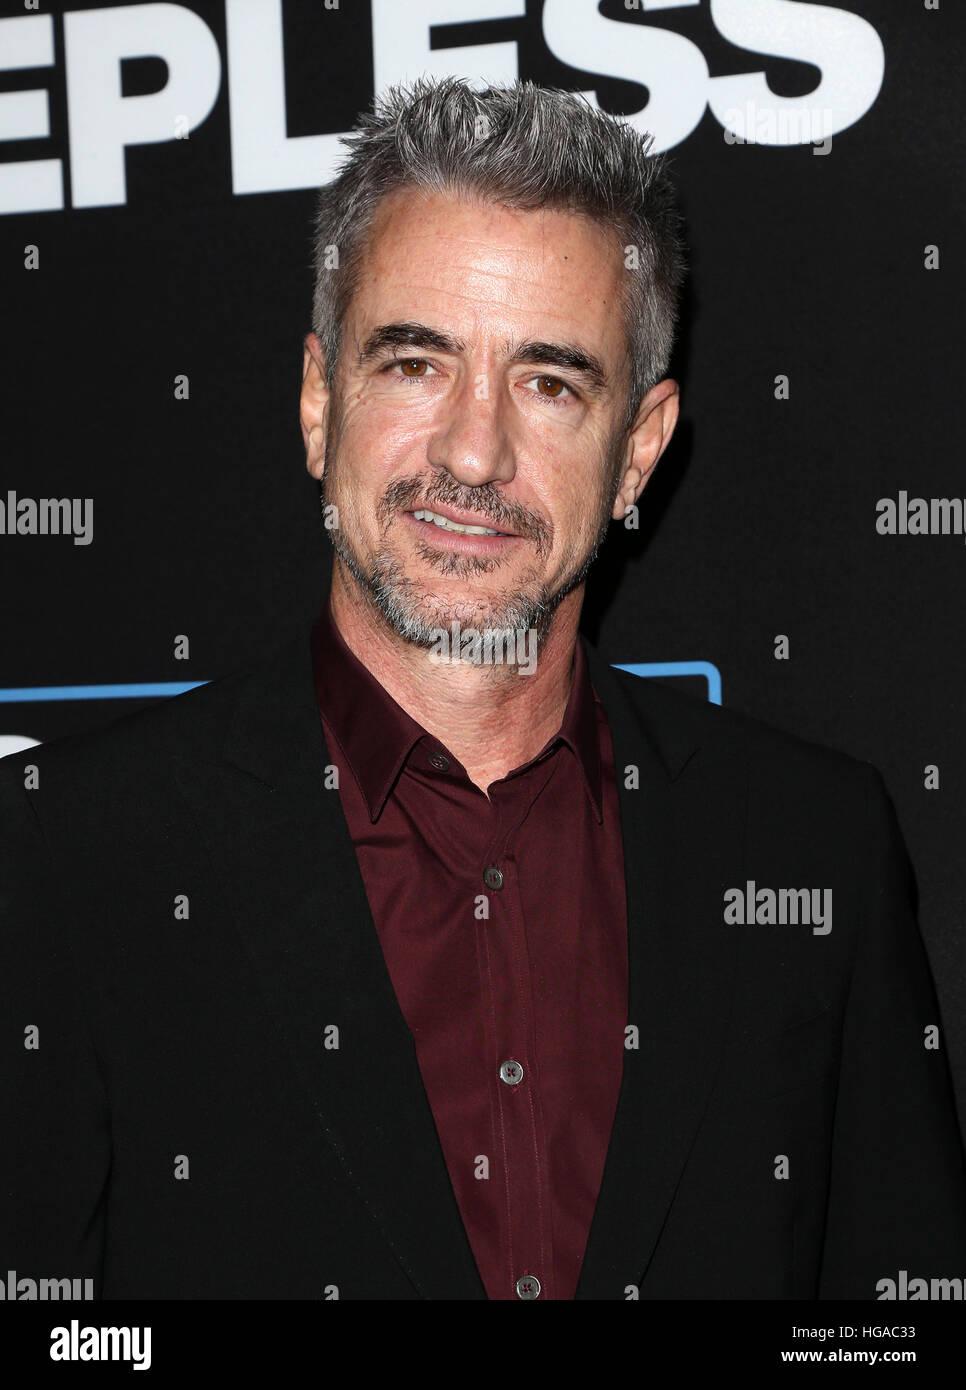 Los Angeles, CA - 05 janvier: Dermot Mulroney, pour Premiere d'Open Road Films' 'Sleepless', Photo Stock